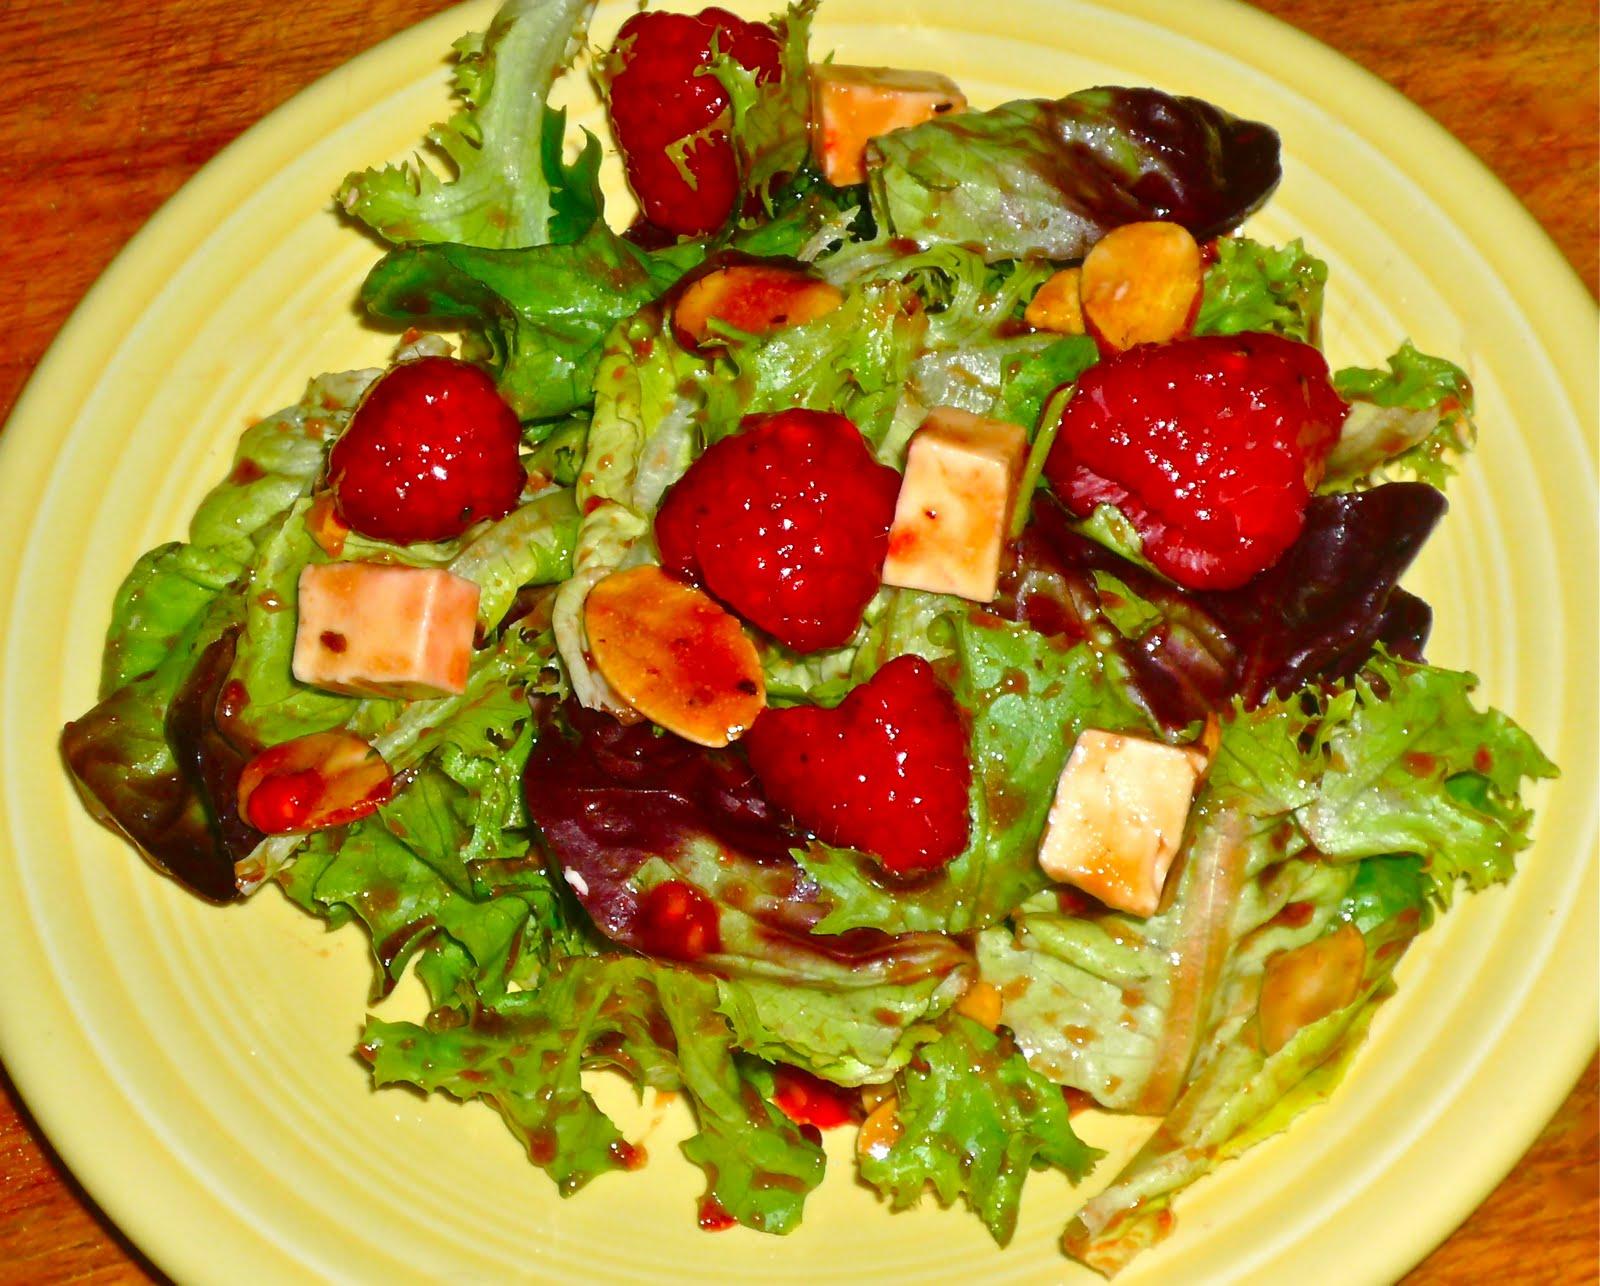 Raspberry-Almond Salad w/Pomegranate-Balsamic Vinaigrette